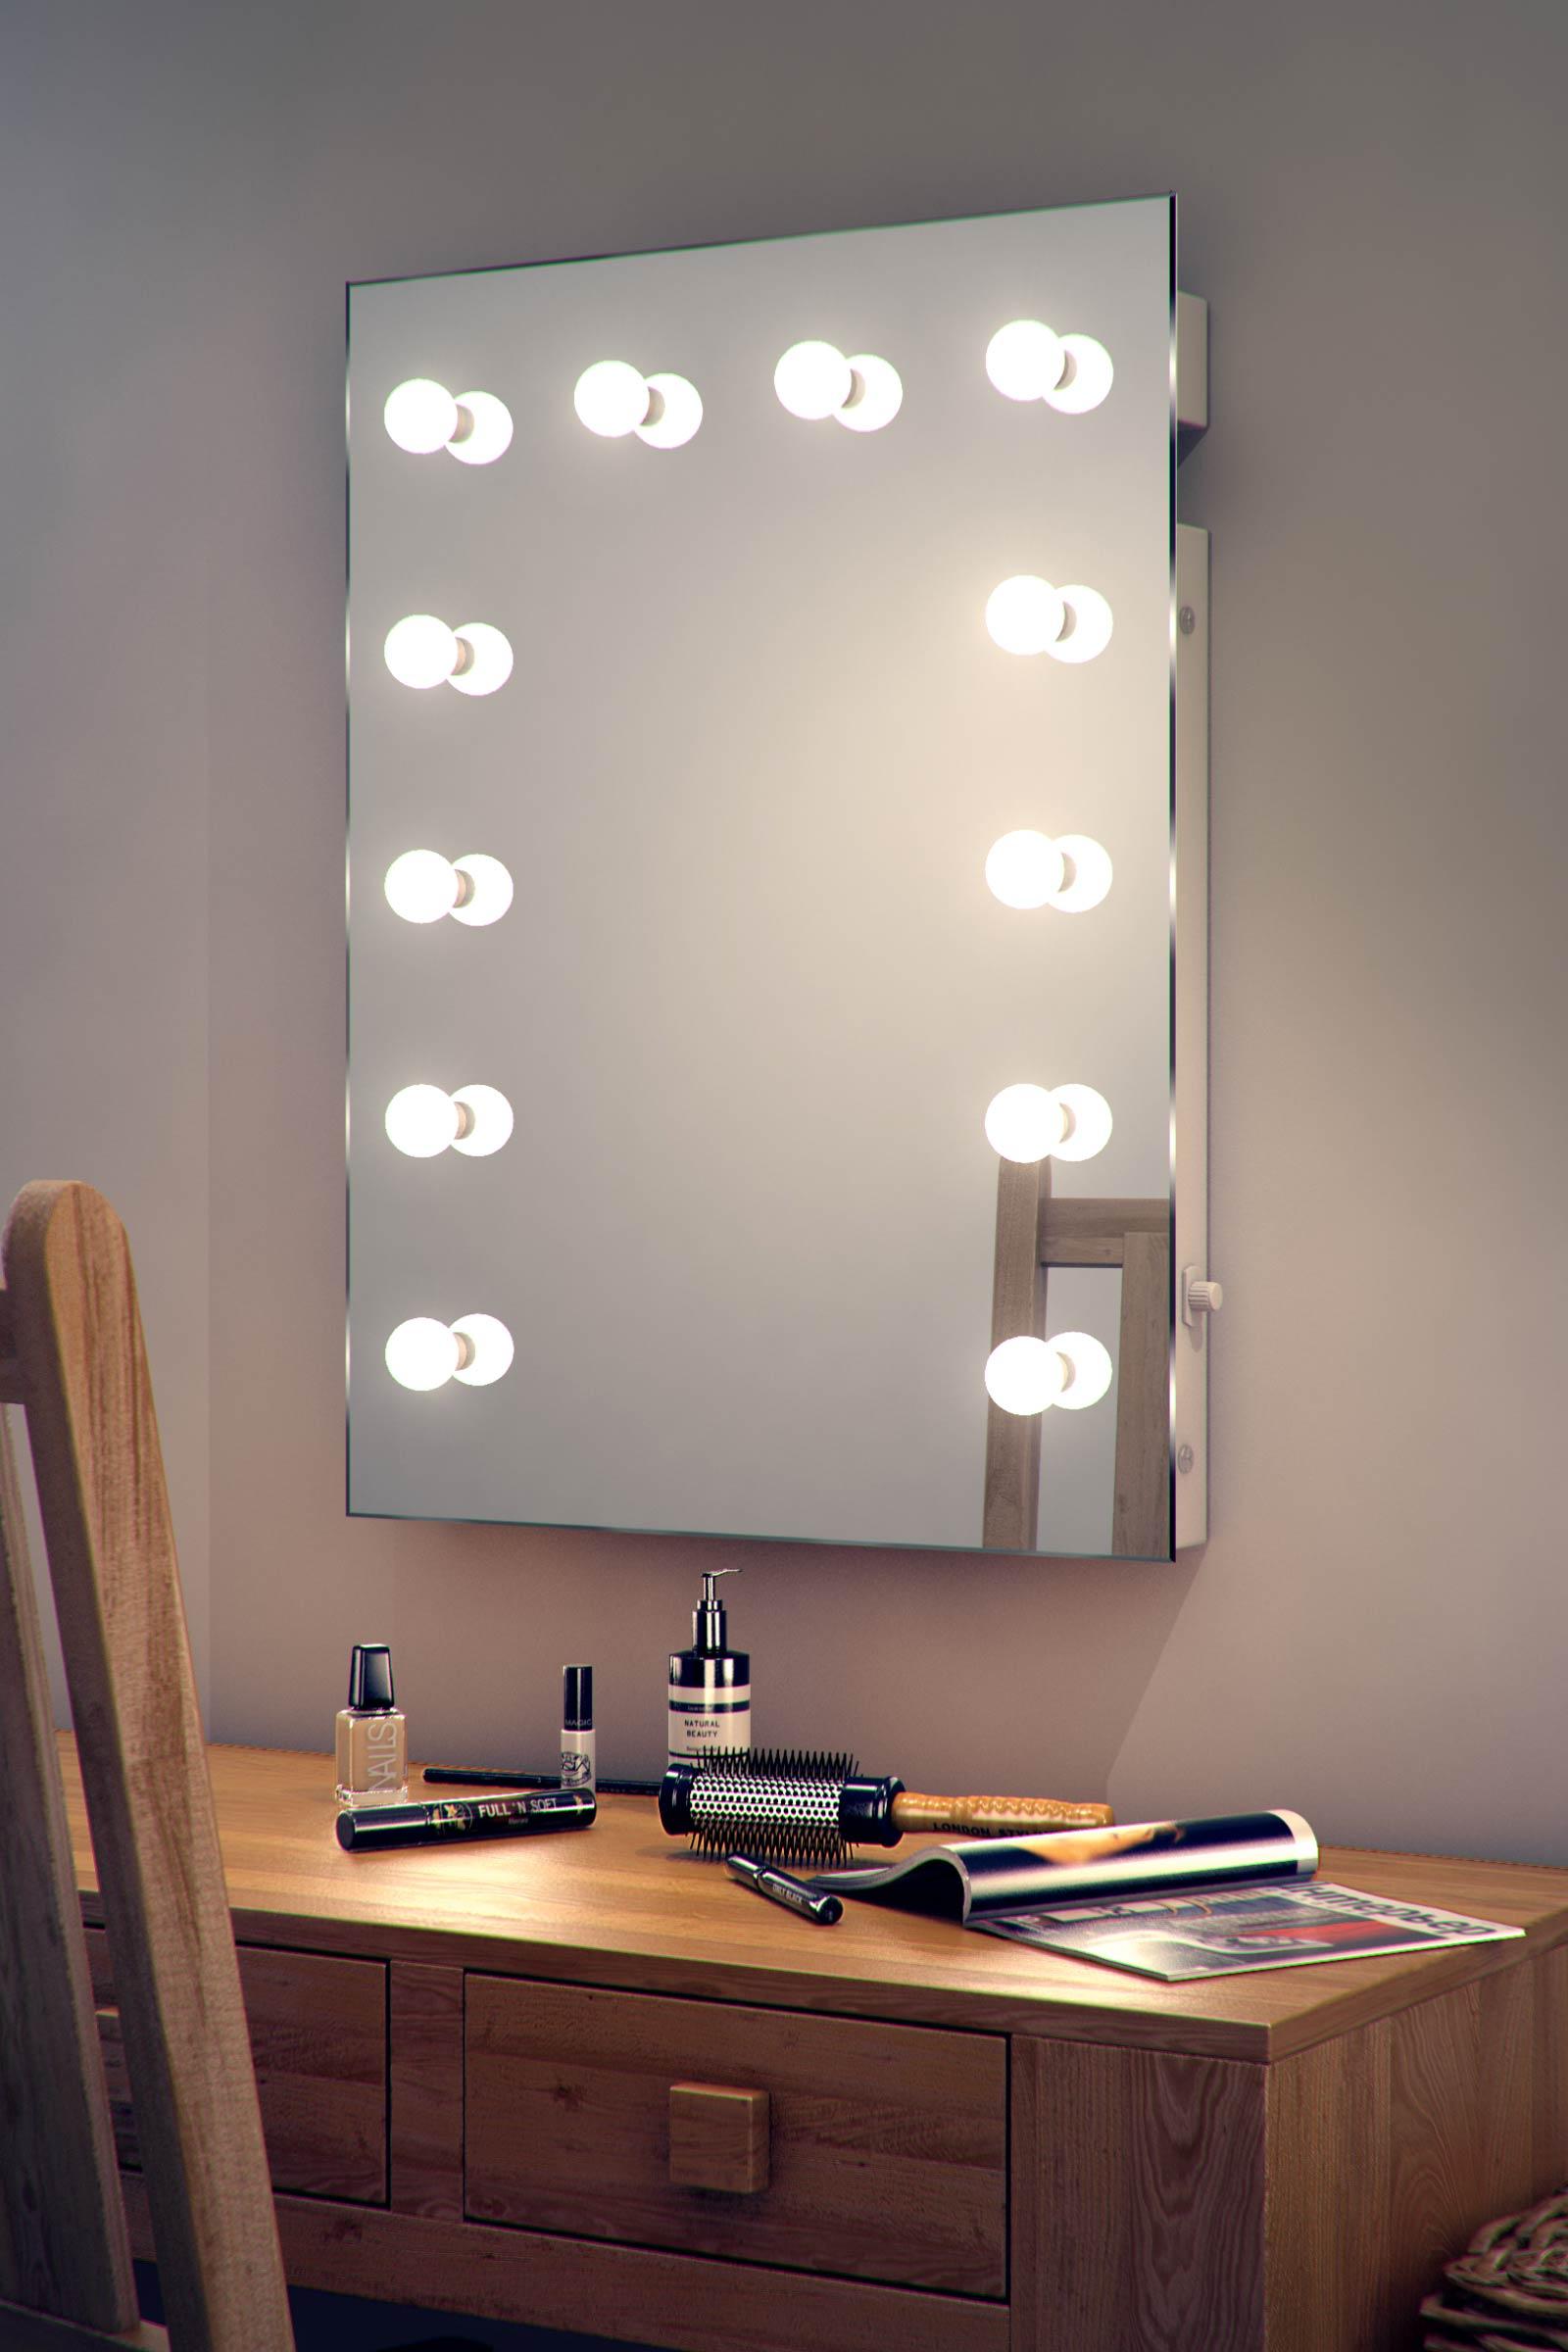 Specchi Con Luci Per Trucco.Specchio Per Trucco Con Luci